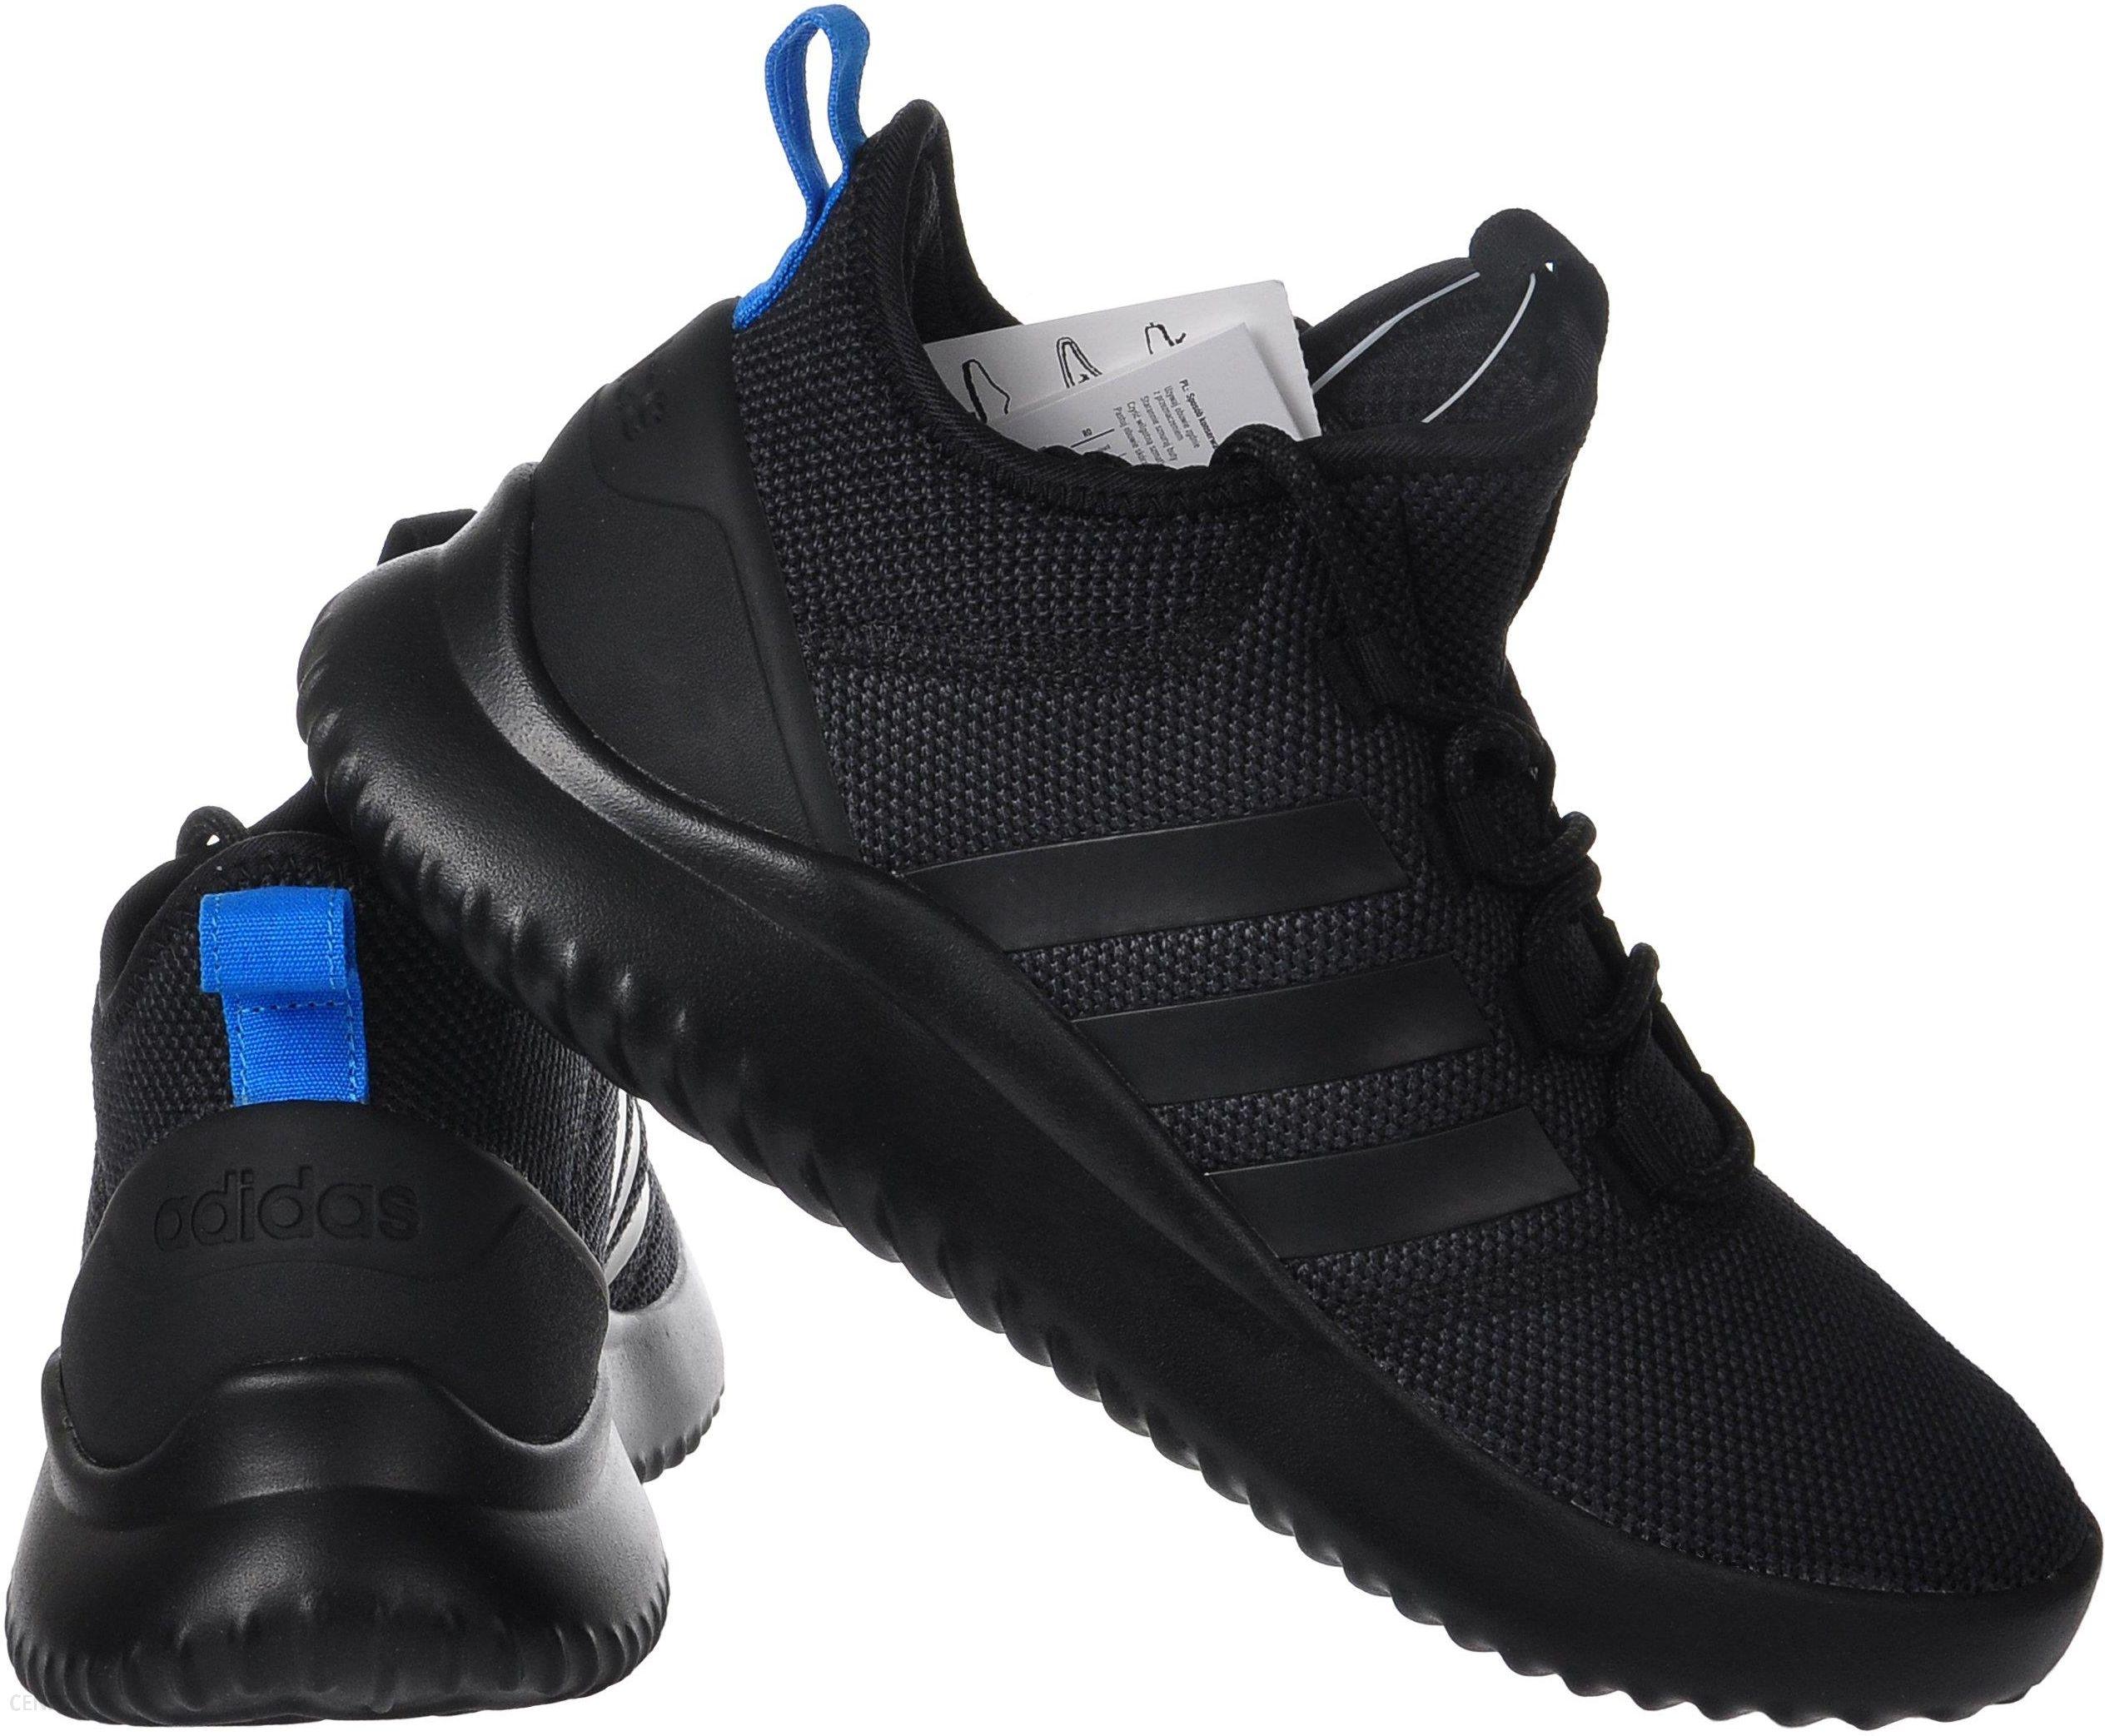 Adidas Ultimate Bball DA9655 Buty męskie r.44 Ceny i opinie Ceneo.pl